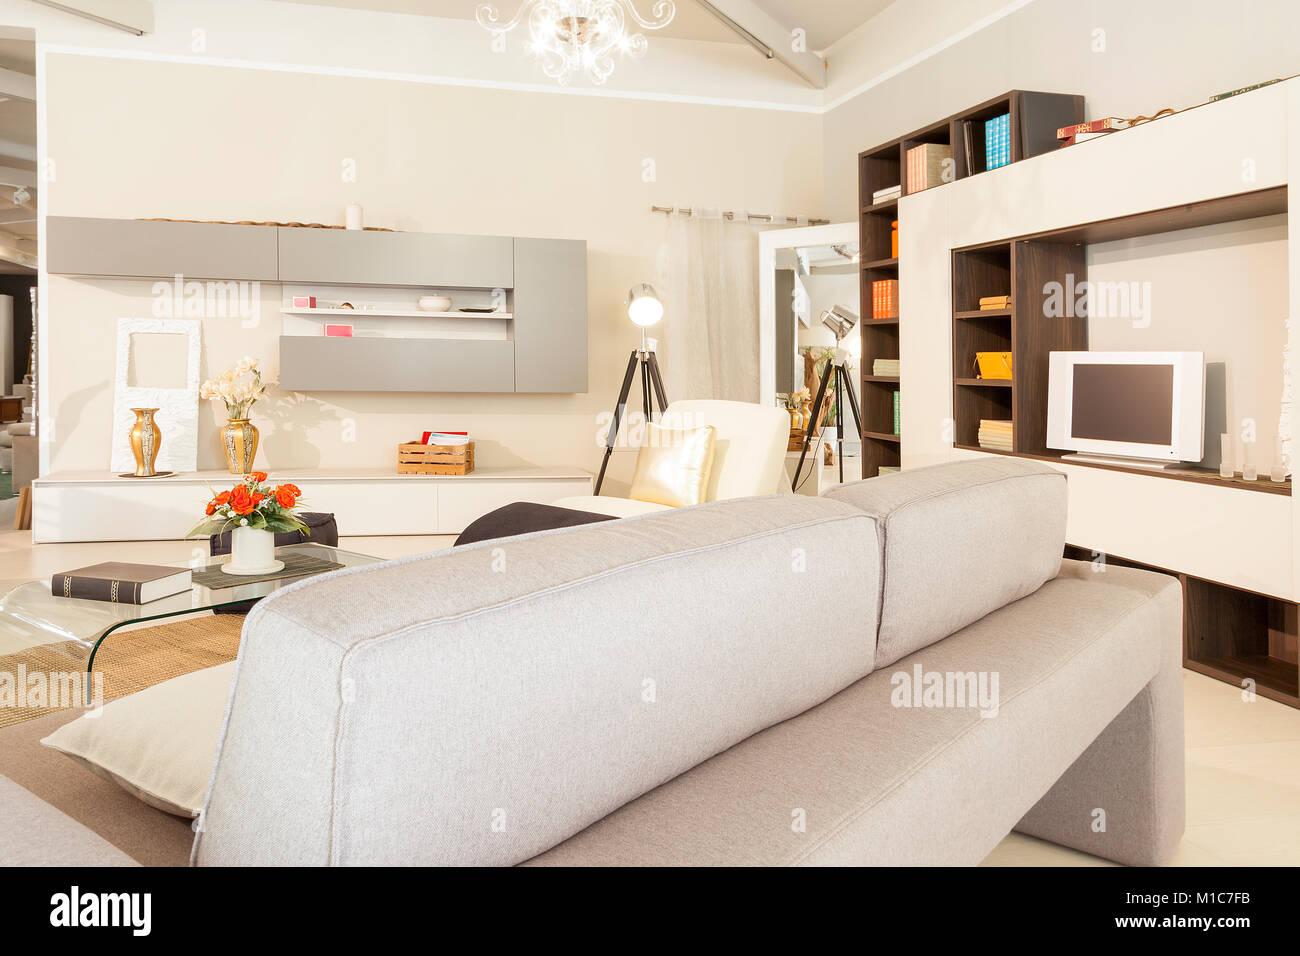 Arredamento moderno e bellissimo appartamento in nuova posizione di lusso Immagini Stock